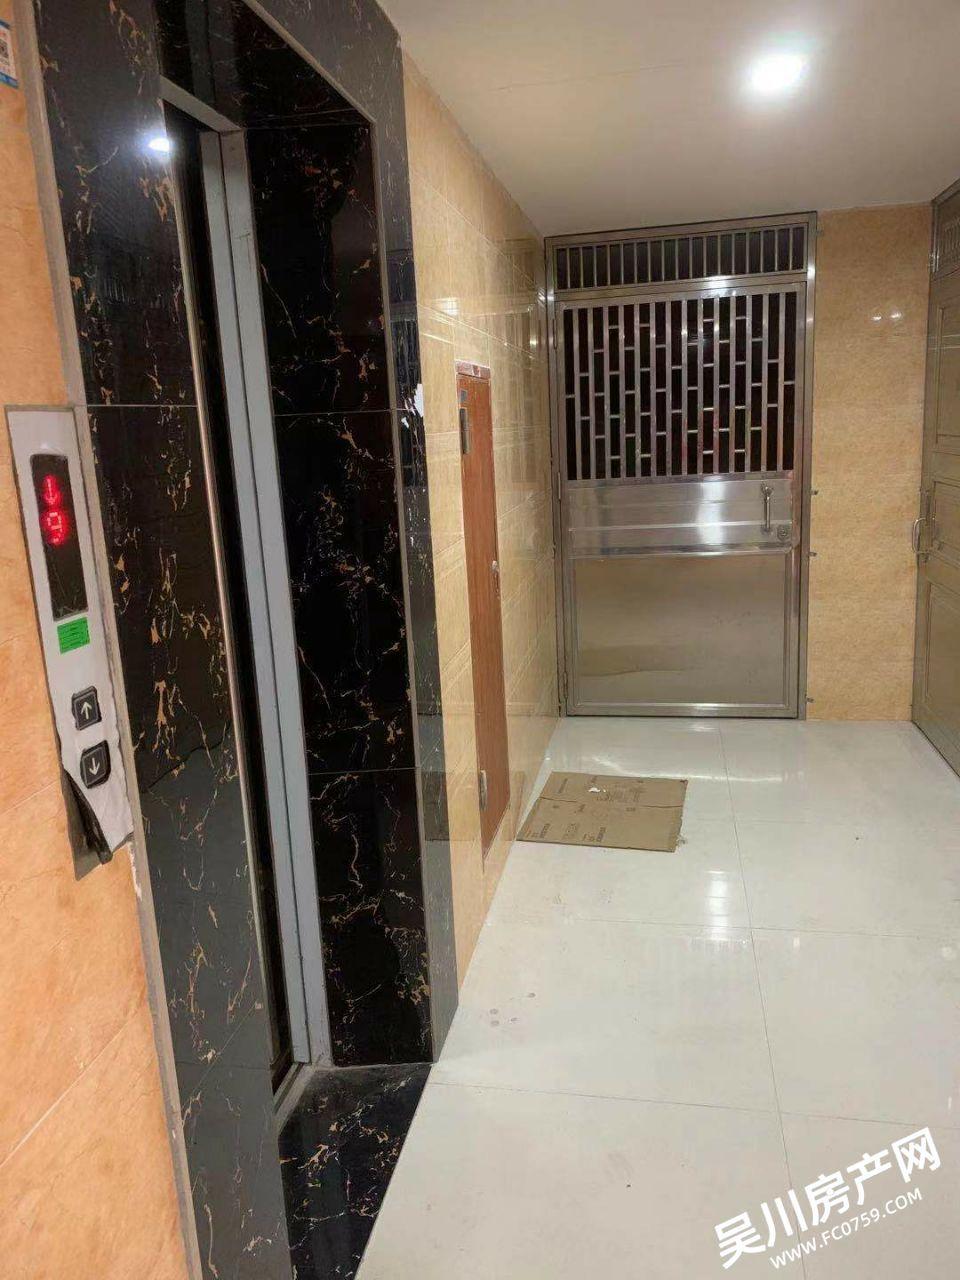 出租吴川市第一中学商住楼2室!包家私家电齐全!电梯房!免费停车!看房方便!小压力